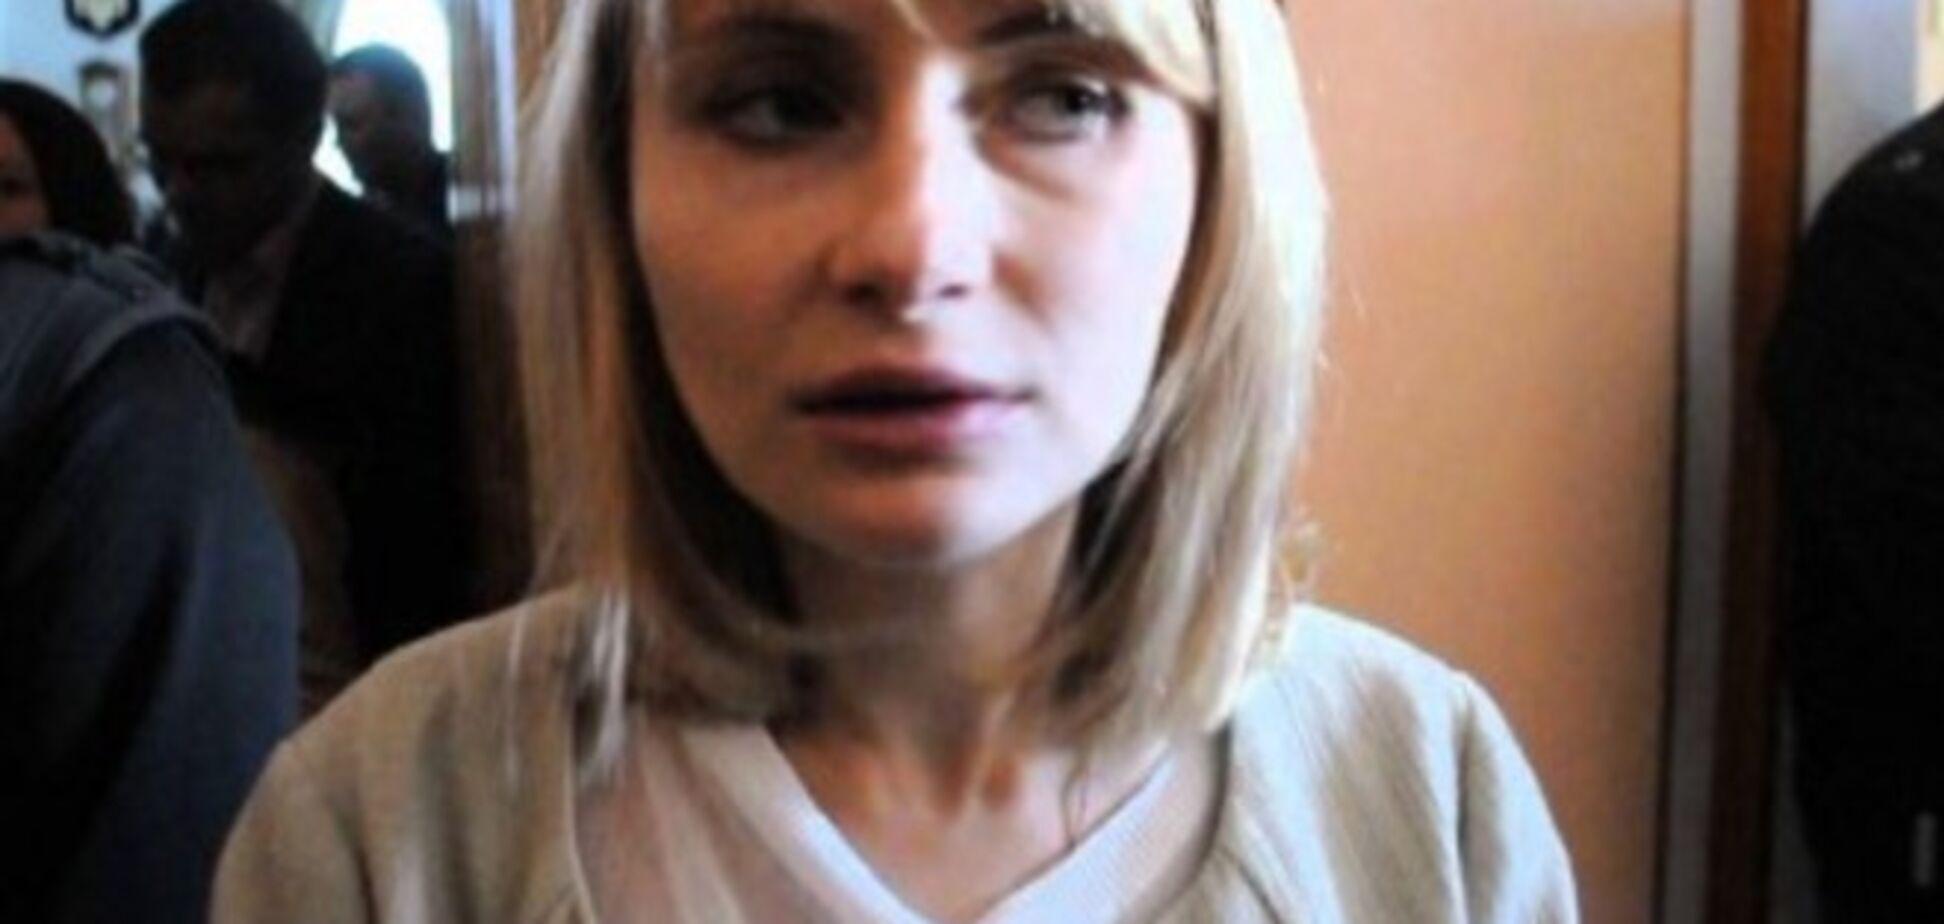 Вышла в тапочках и пропала: в Днепропетровске исчезла председатель люстрационного комитета